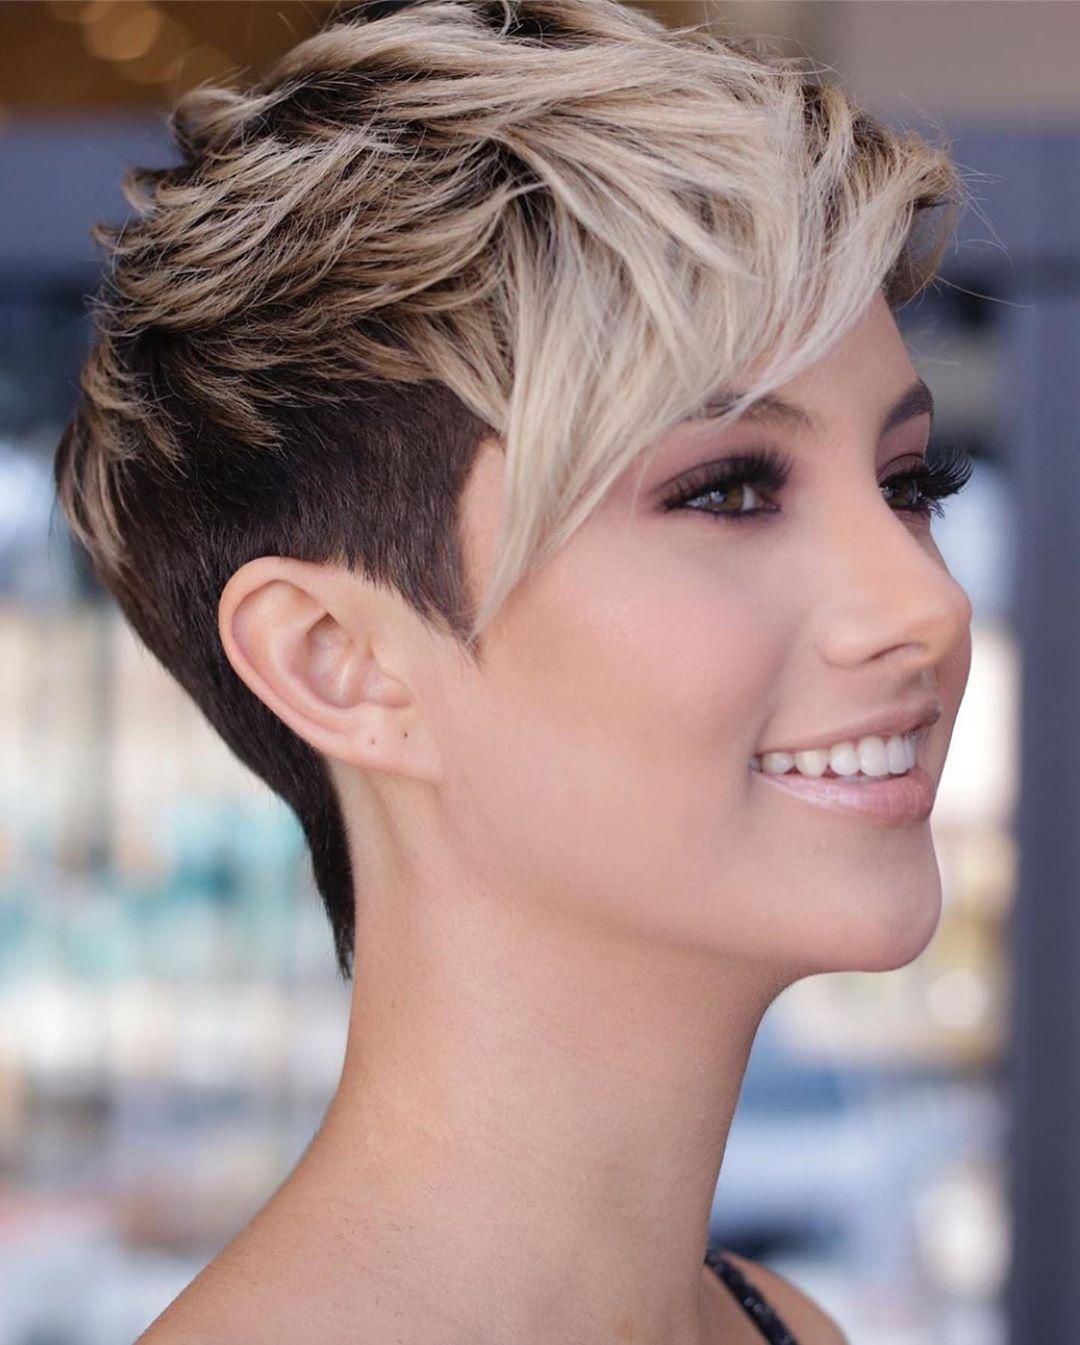 Cheveux courts: 10 coiffures courtes pour femmes tendance